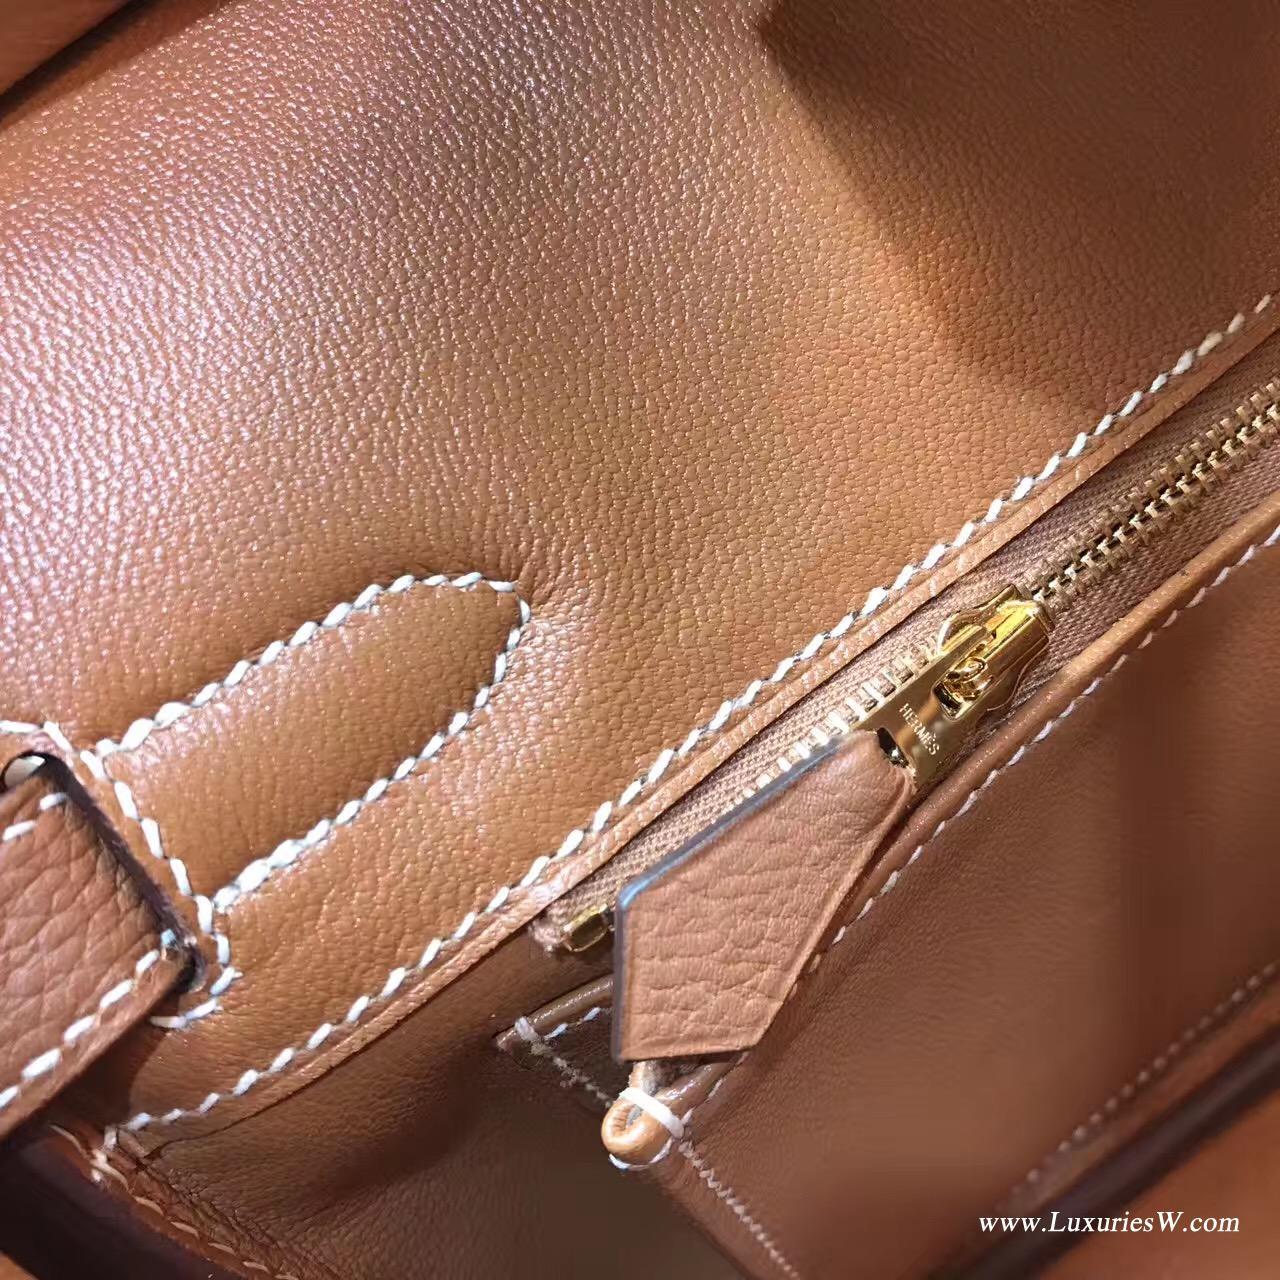 愛馬仕hermes 鉑金包Birkin 30 togo Gold 經典顏色之一金棕色